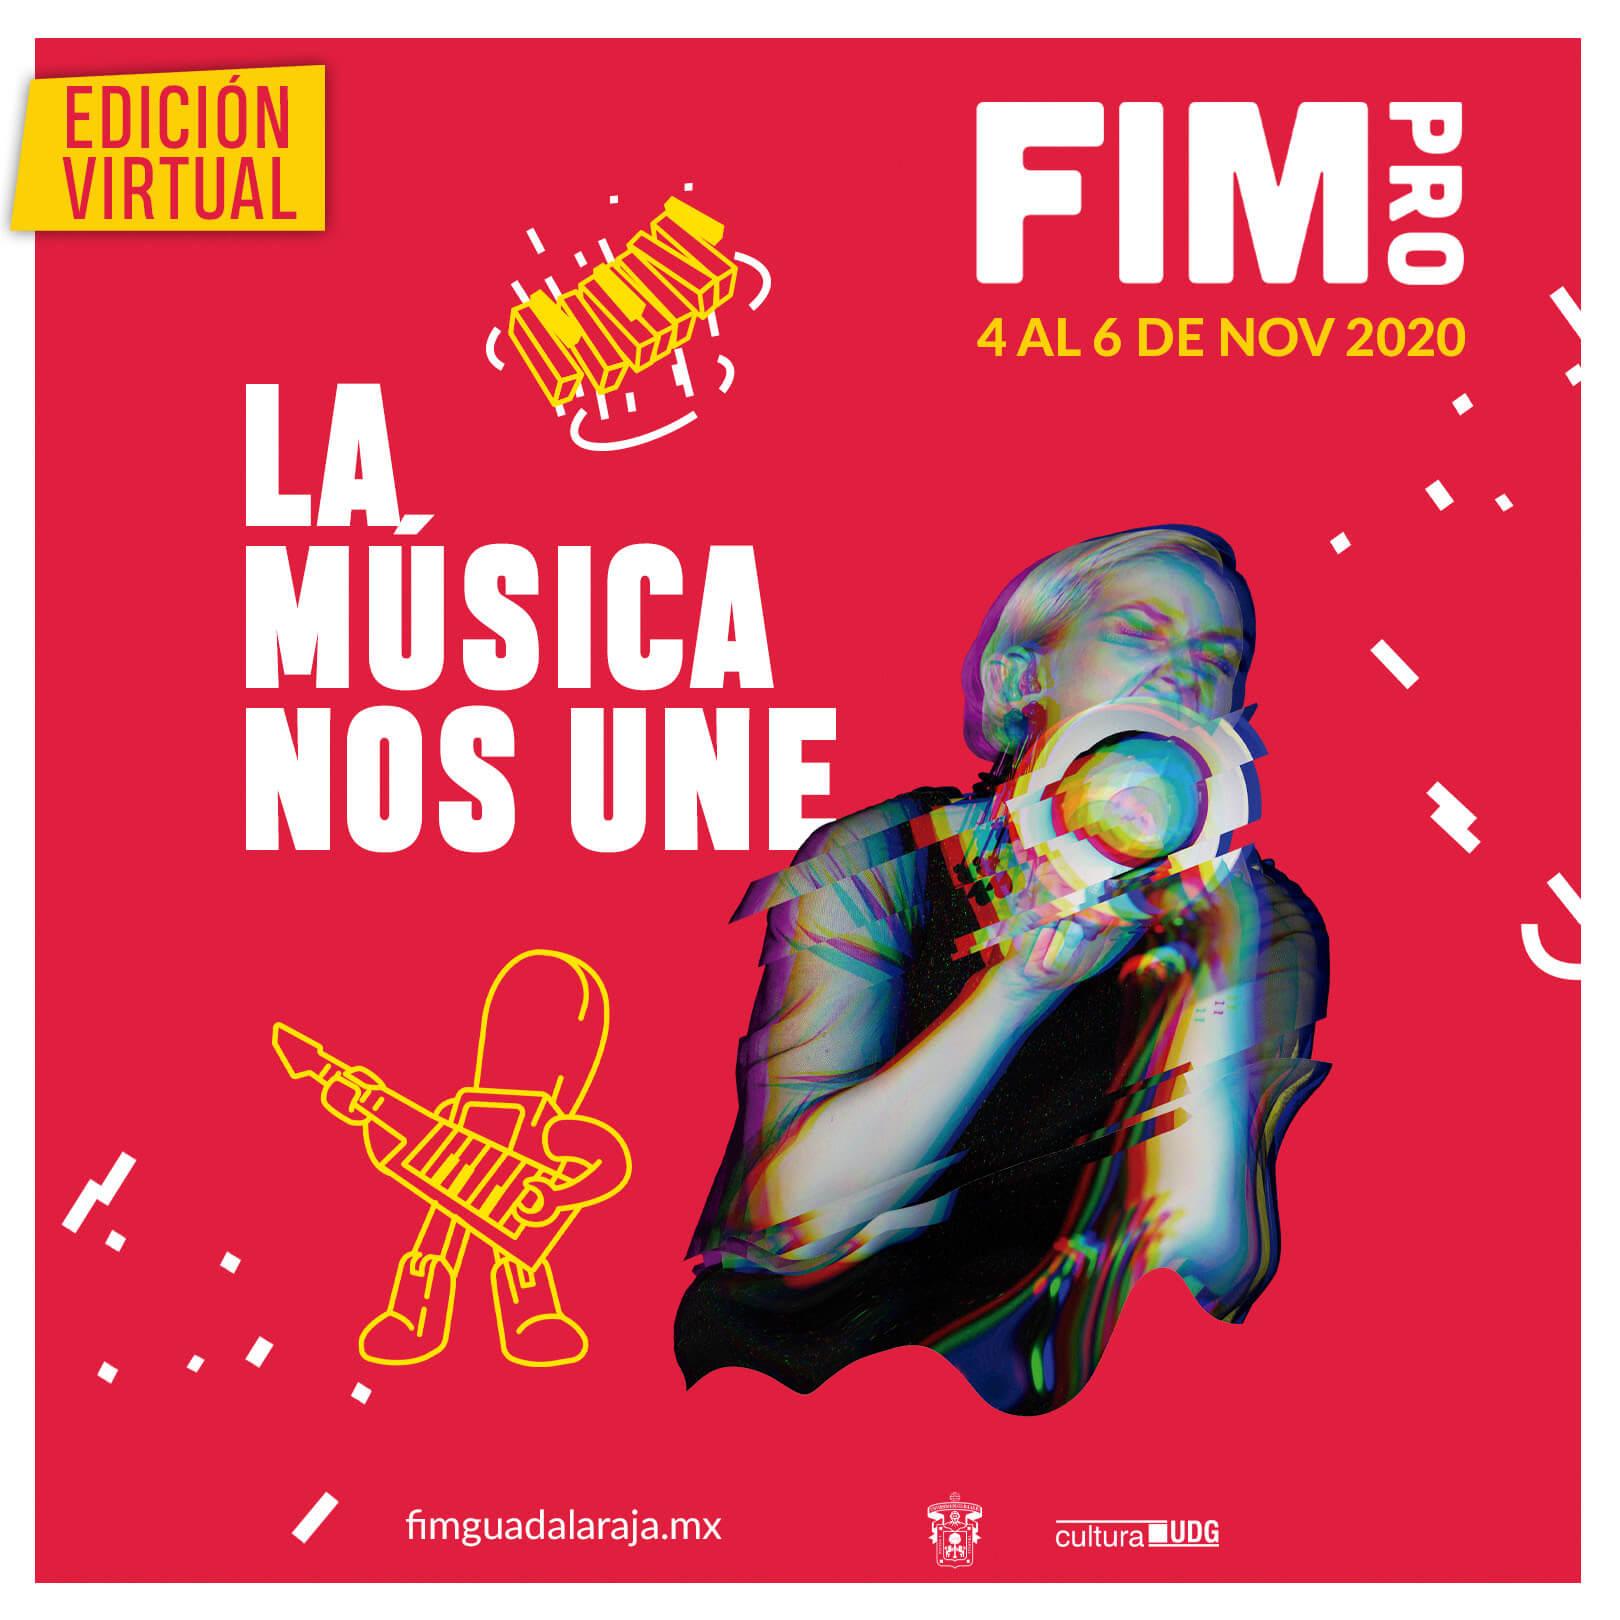 FIMPRO edición digital, del 4 al 6 de noviembre